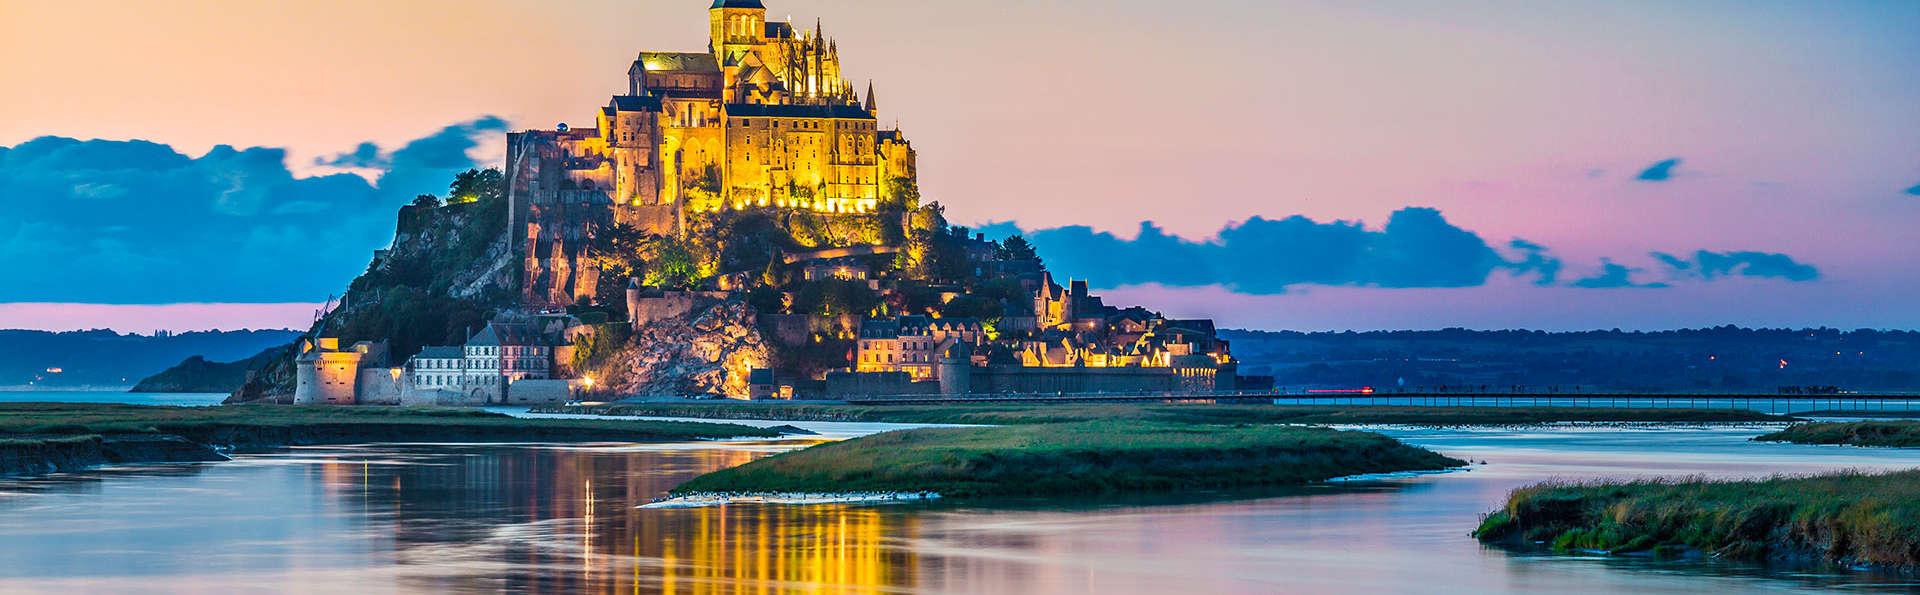 Découvrez le Mont-Saint-Michel et son abbaye